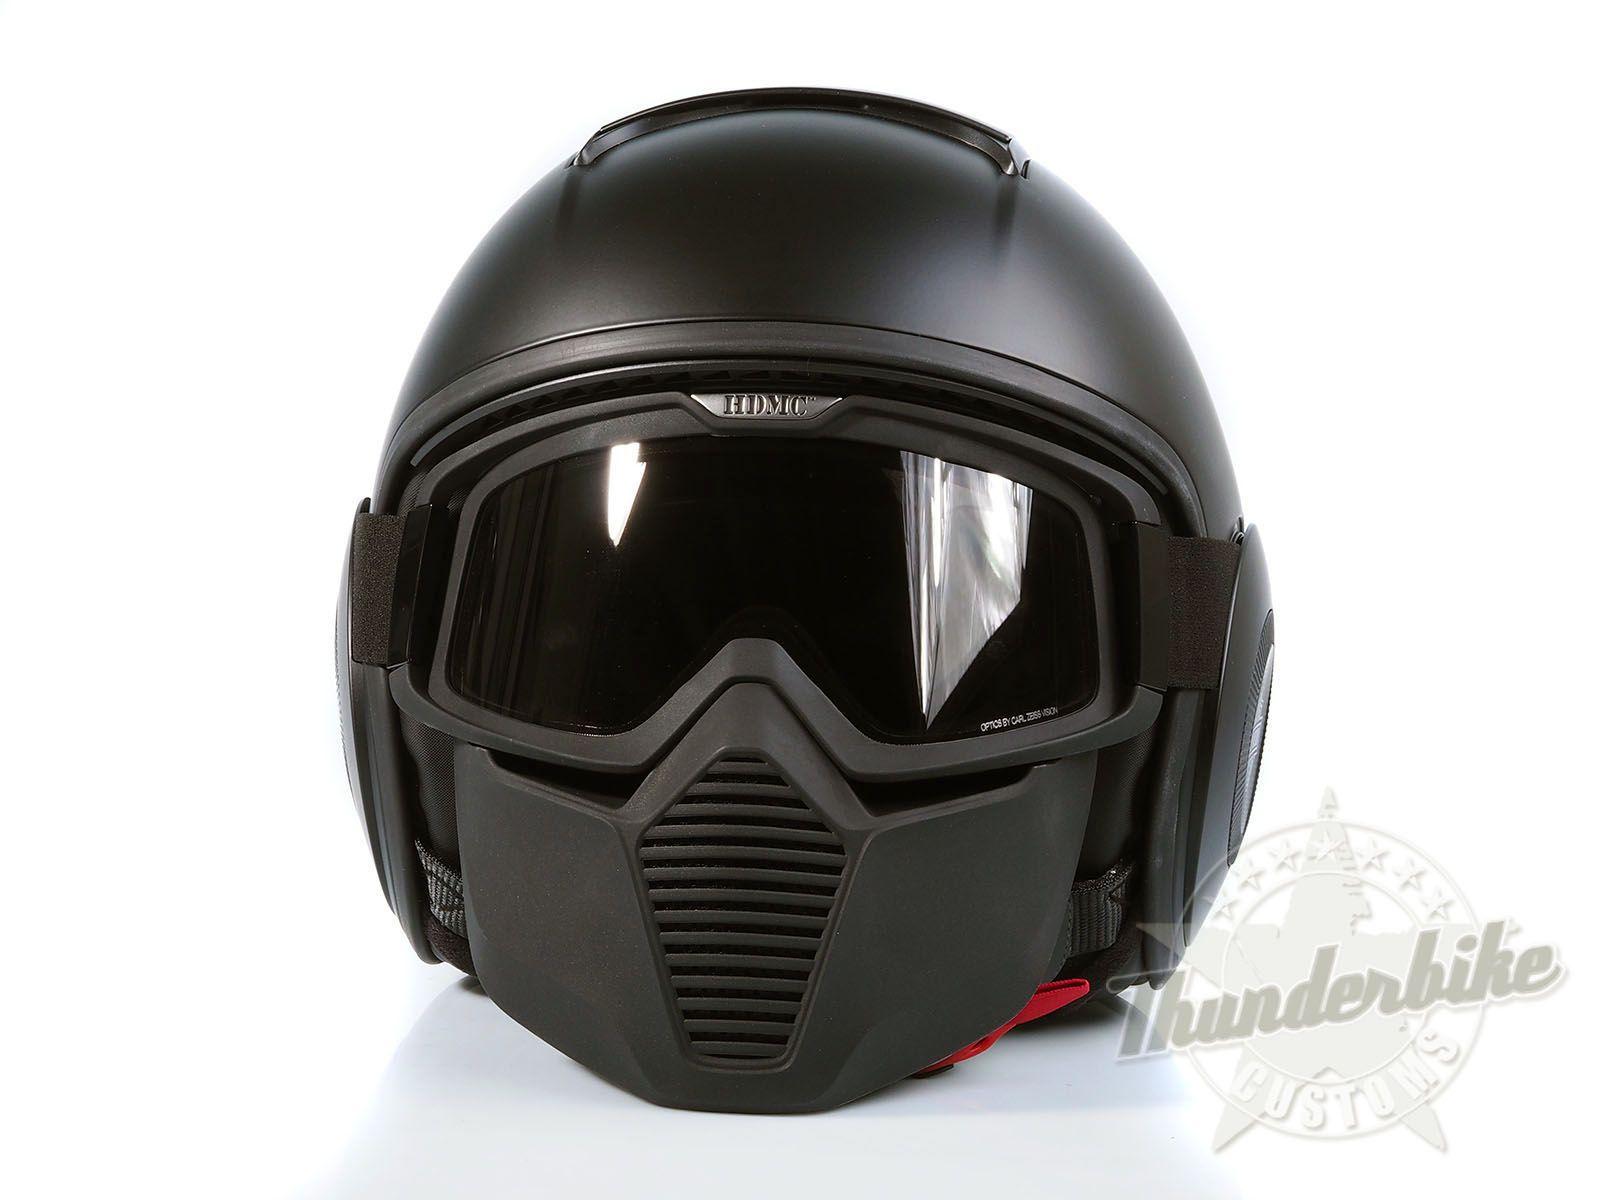 harley davidson swat helm ec 98318 15e bei thunderbike. Black Bedroom Furniture Sets. Home Design Ideas